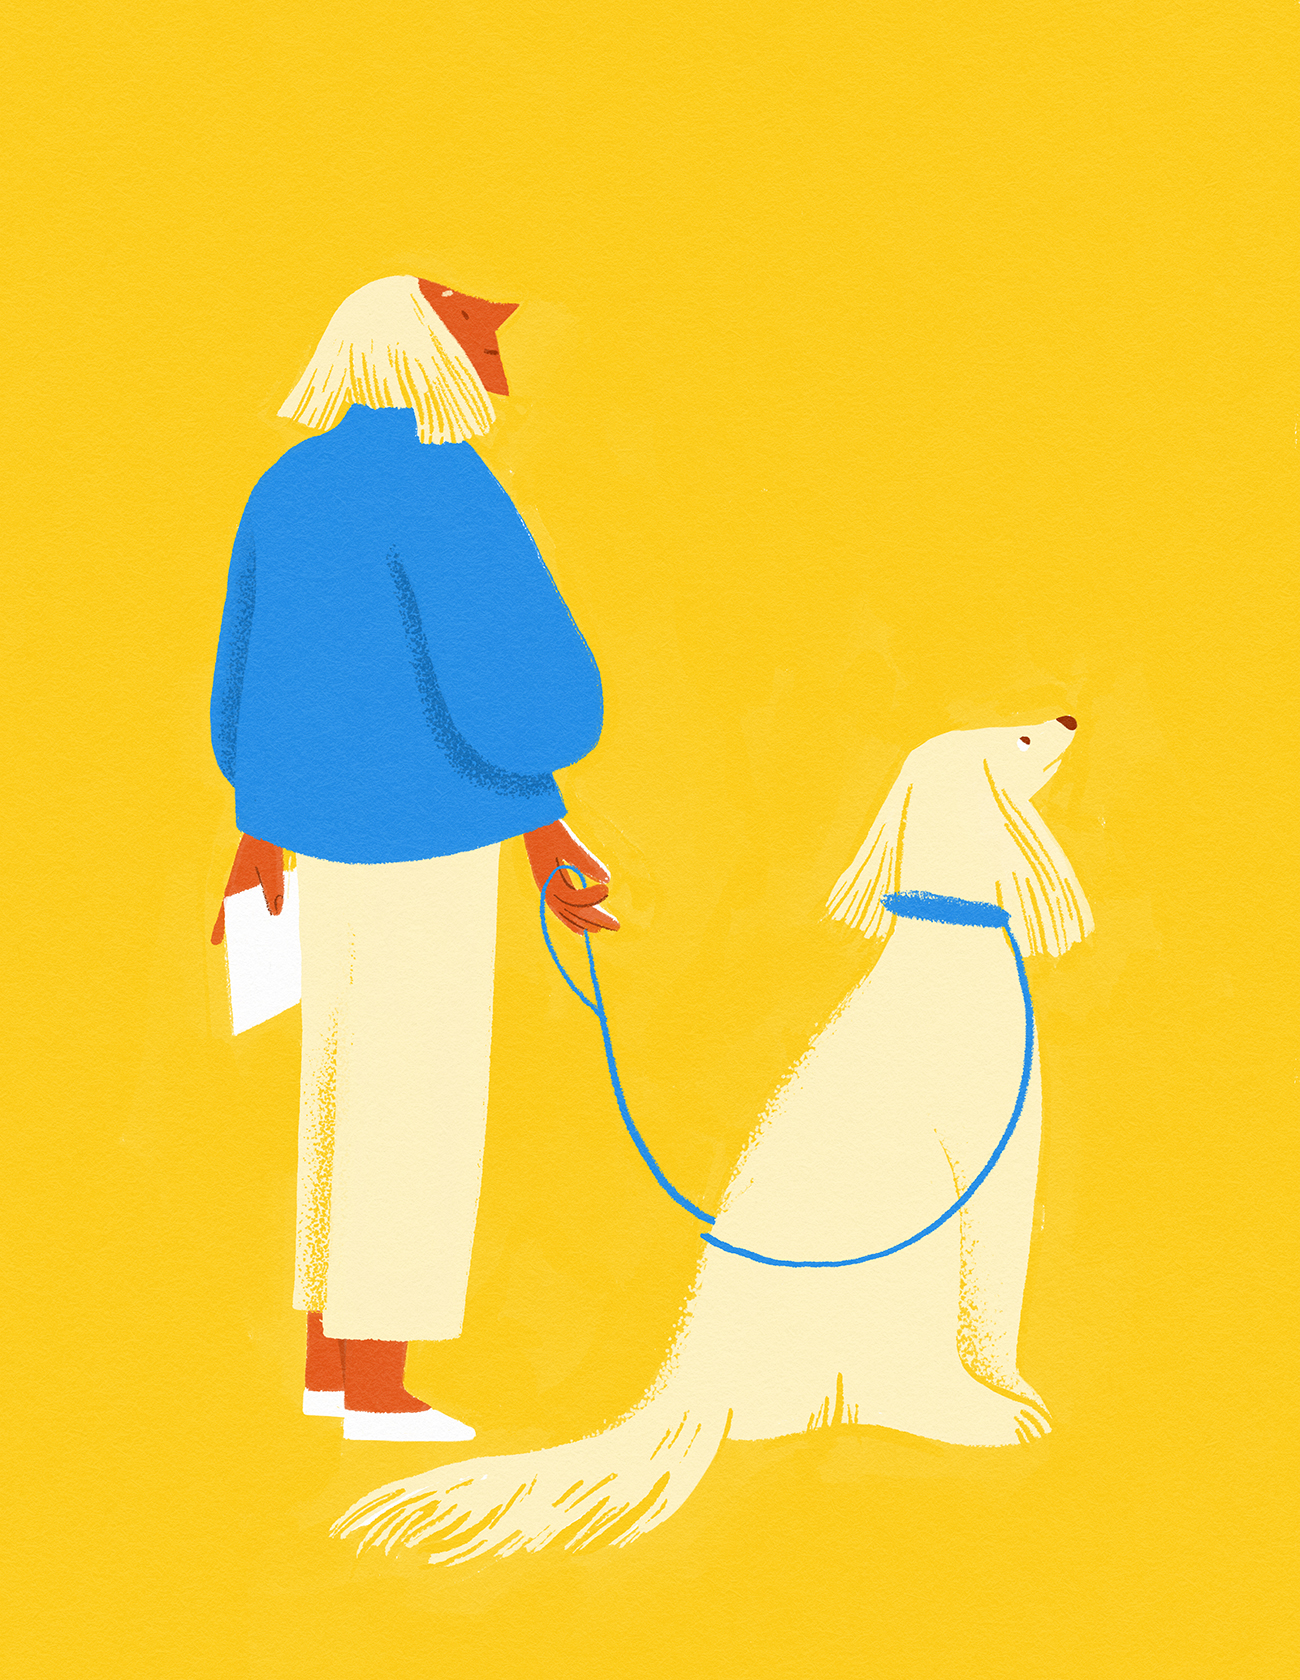 woman-dog-pet-illustration-together-friendship-similar-violeta-noy